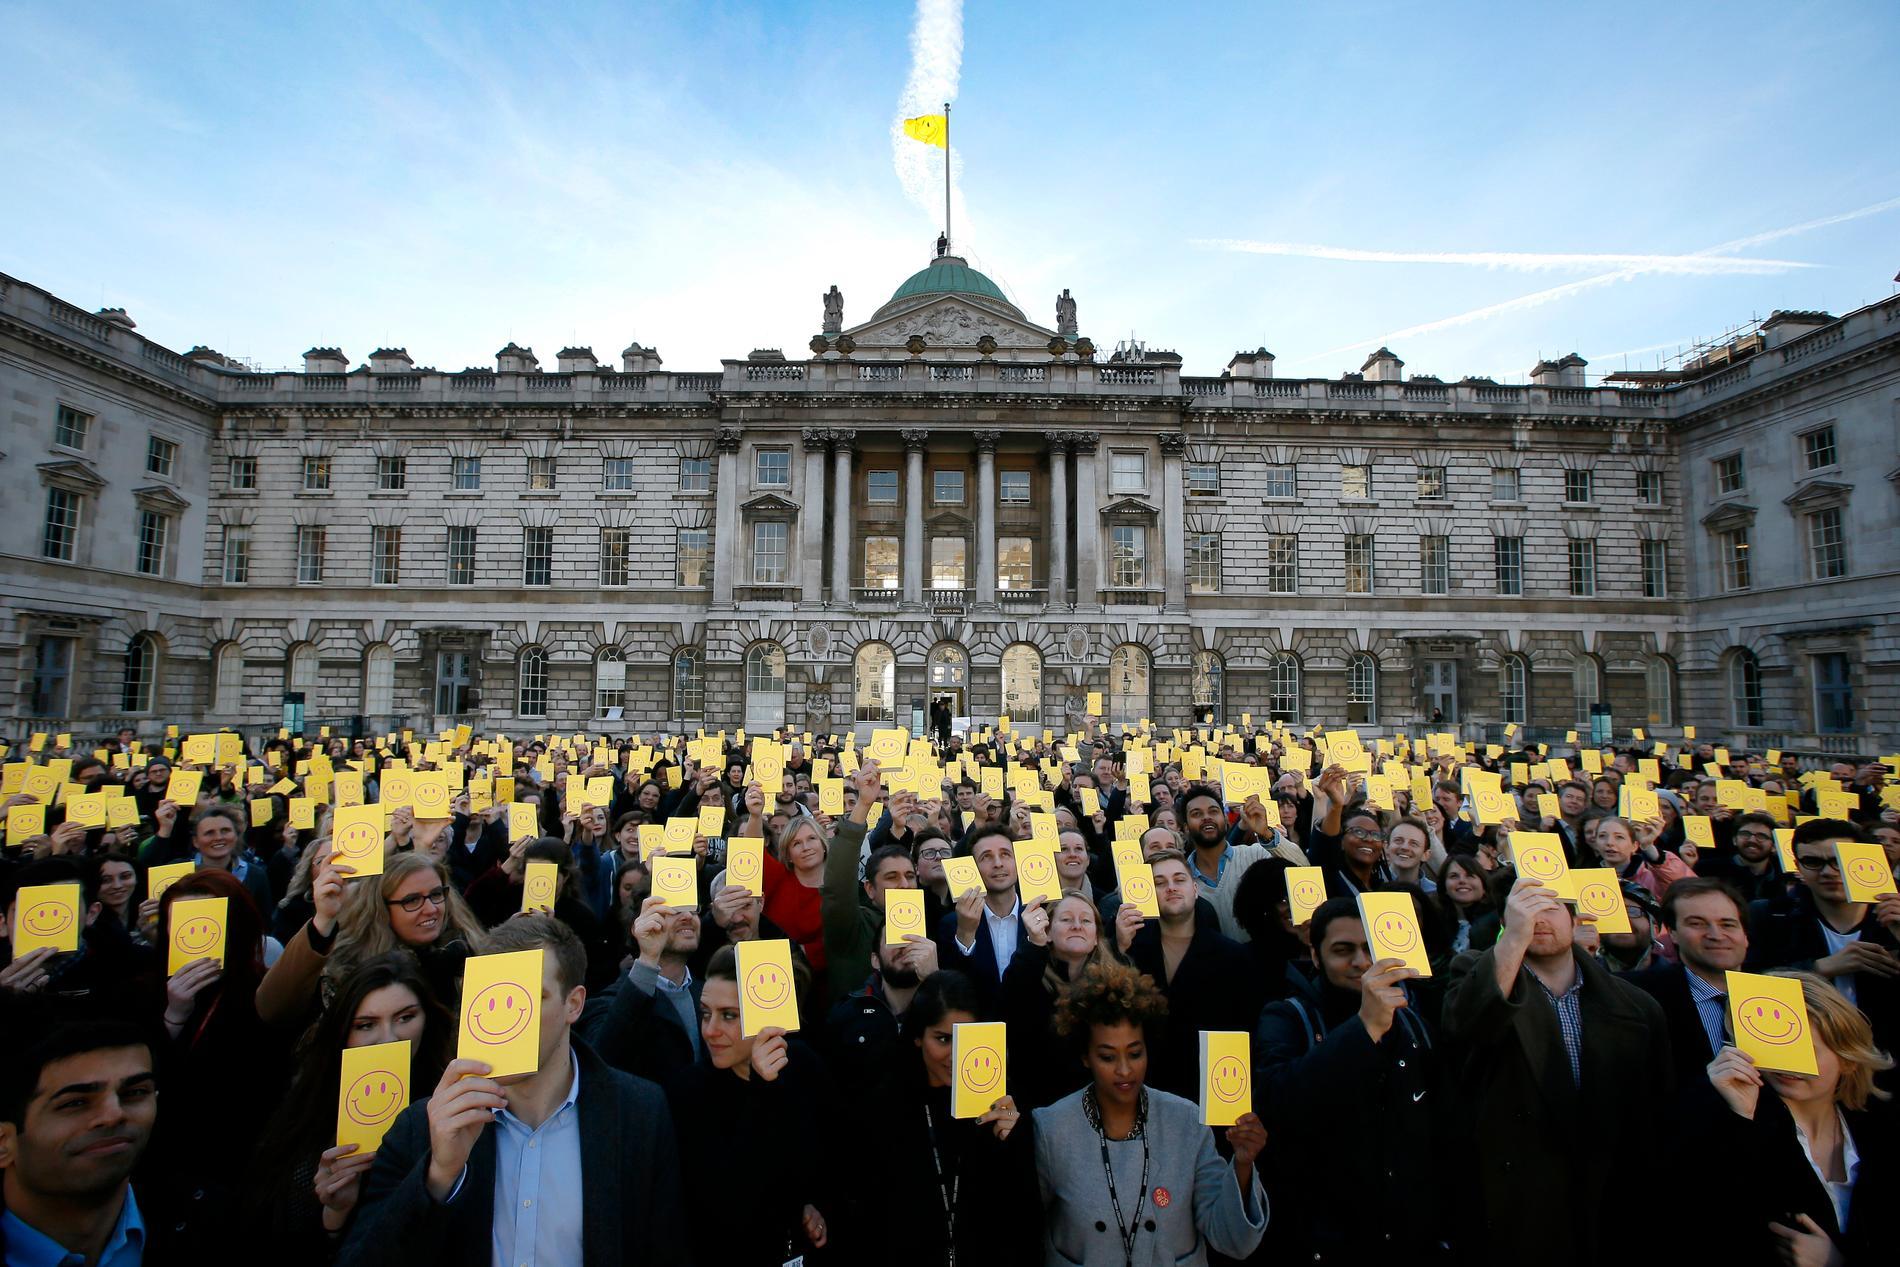 """2016 var det 500 år sedan Thomas Mores """"Utopia"""" utkom, och här samlades människor vid Somerset House i London och höll upp sitt exemplar."""